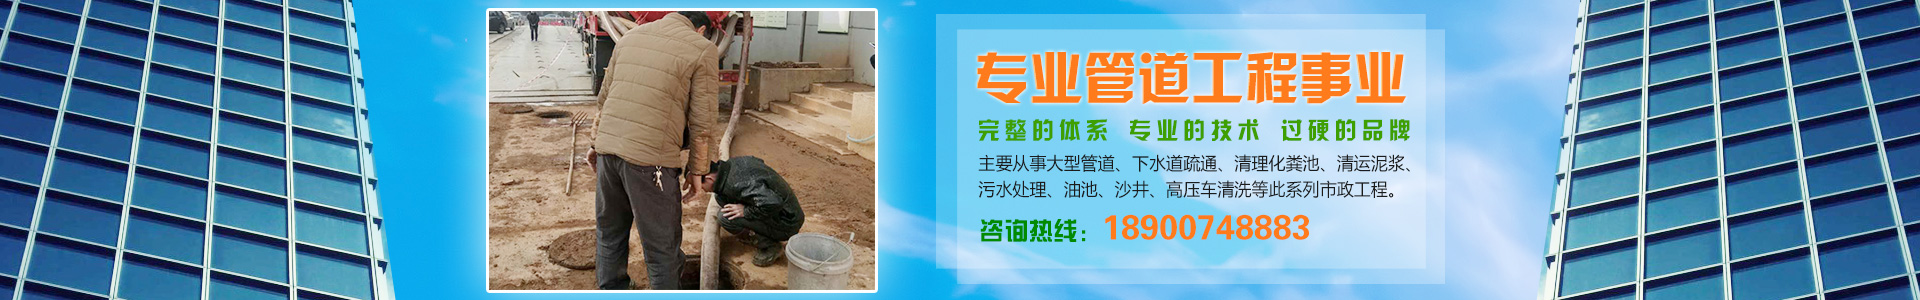 湖南鑫辉清洁服务有限公司-长沙化粪池万博体育首页登录-万博全站万博官方网站下载|工业污泥处理